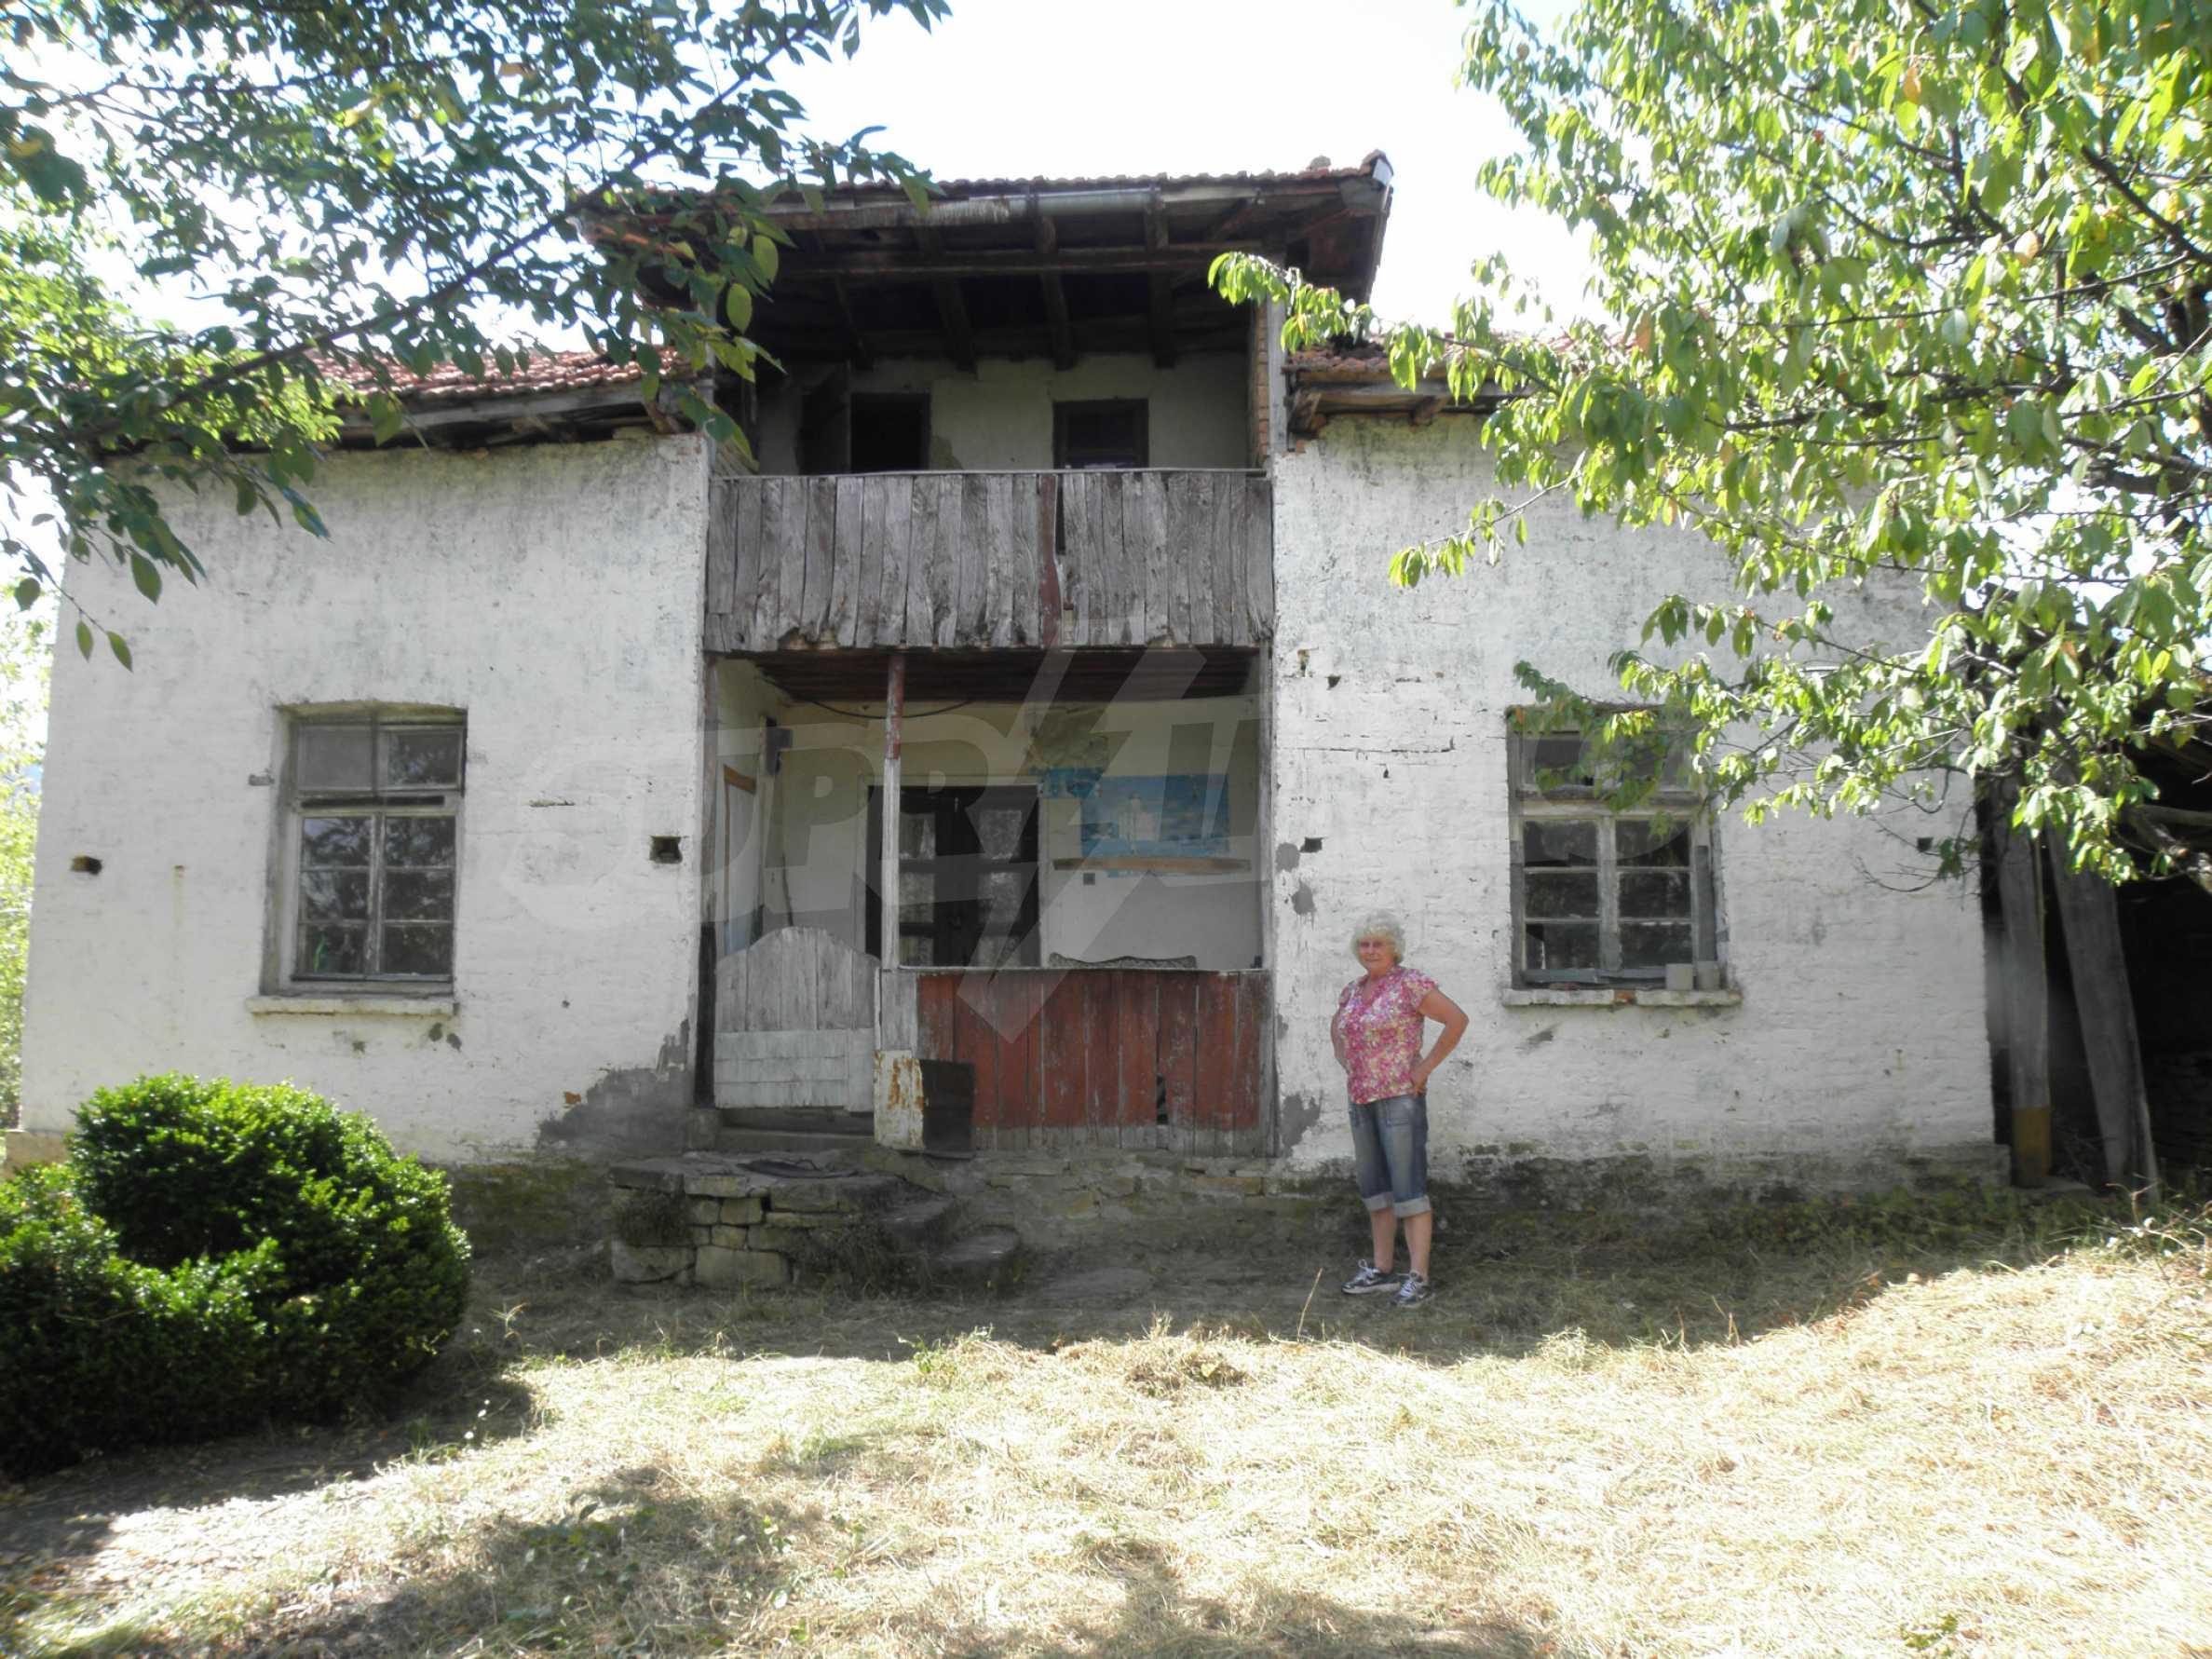 Old house in wonderful village near Sevlievo 3